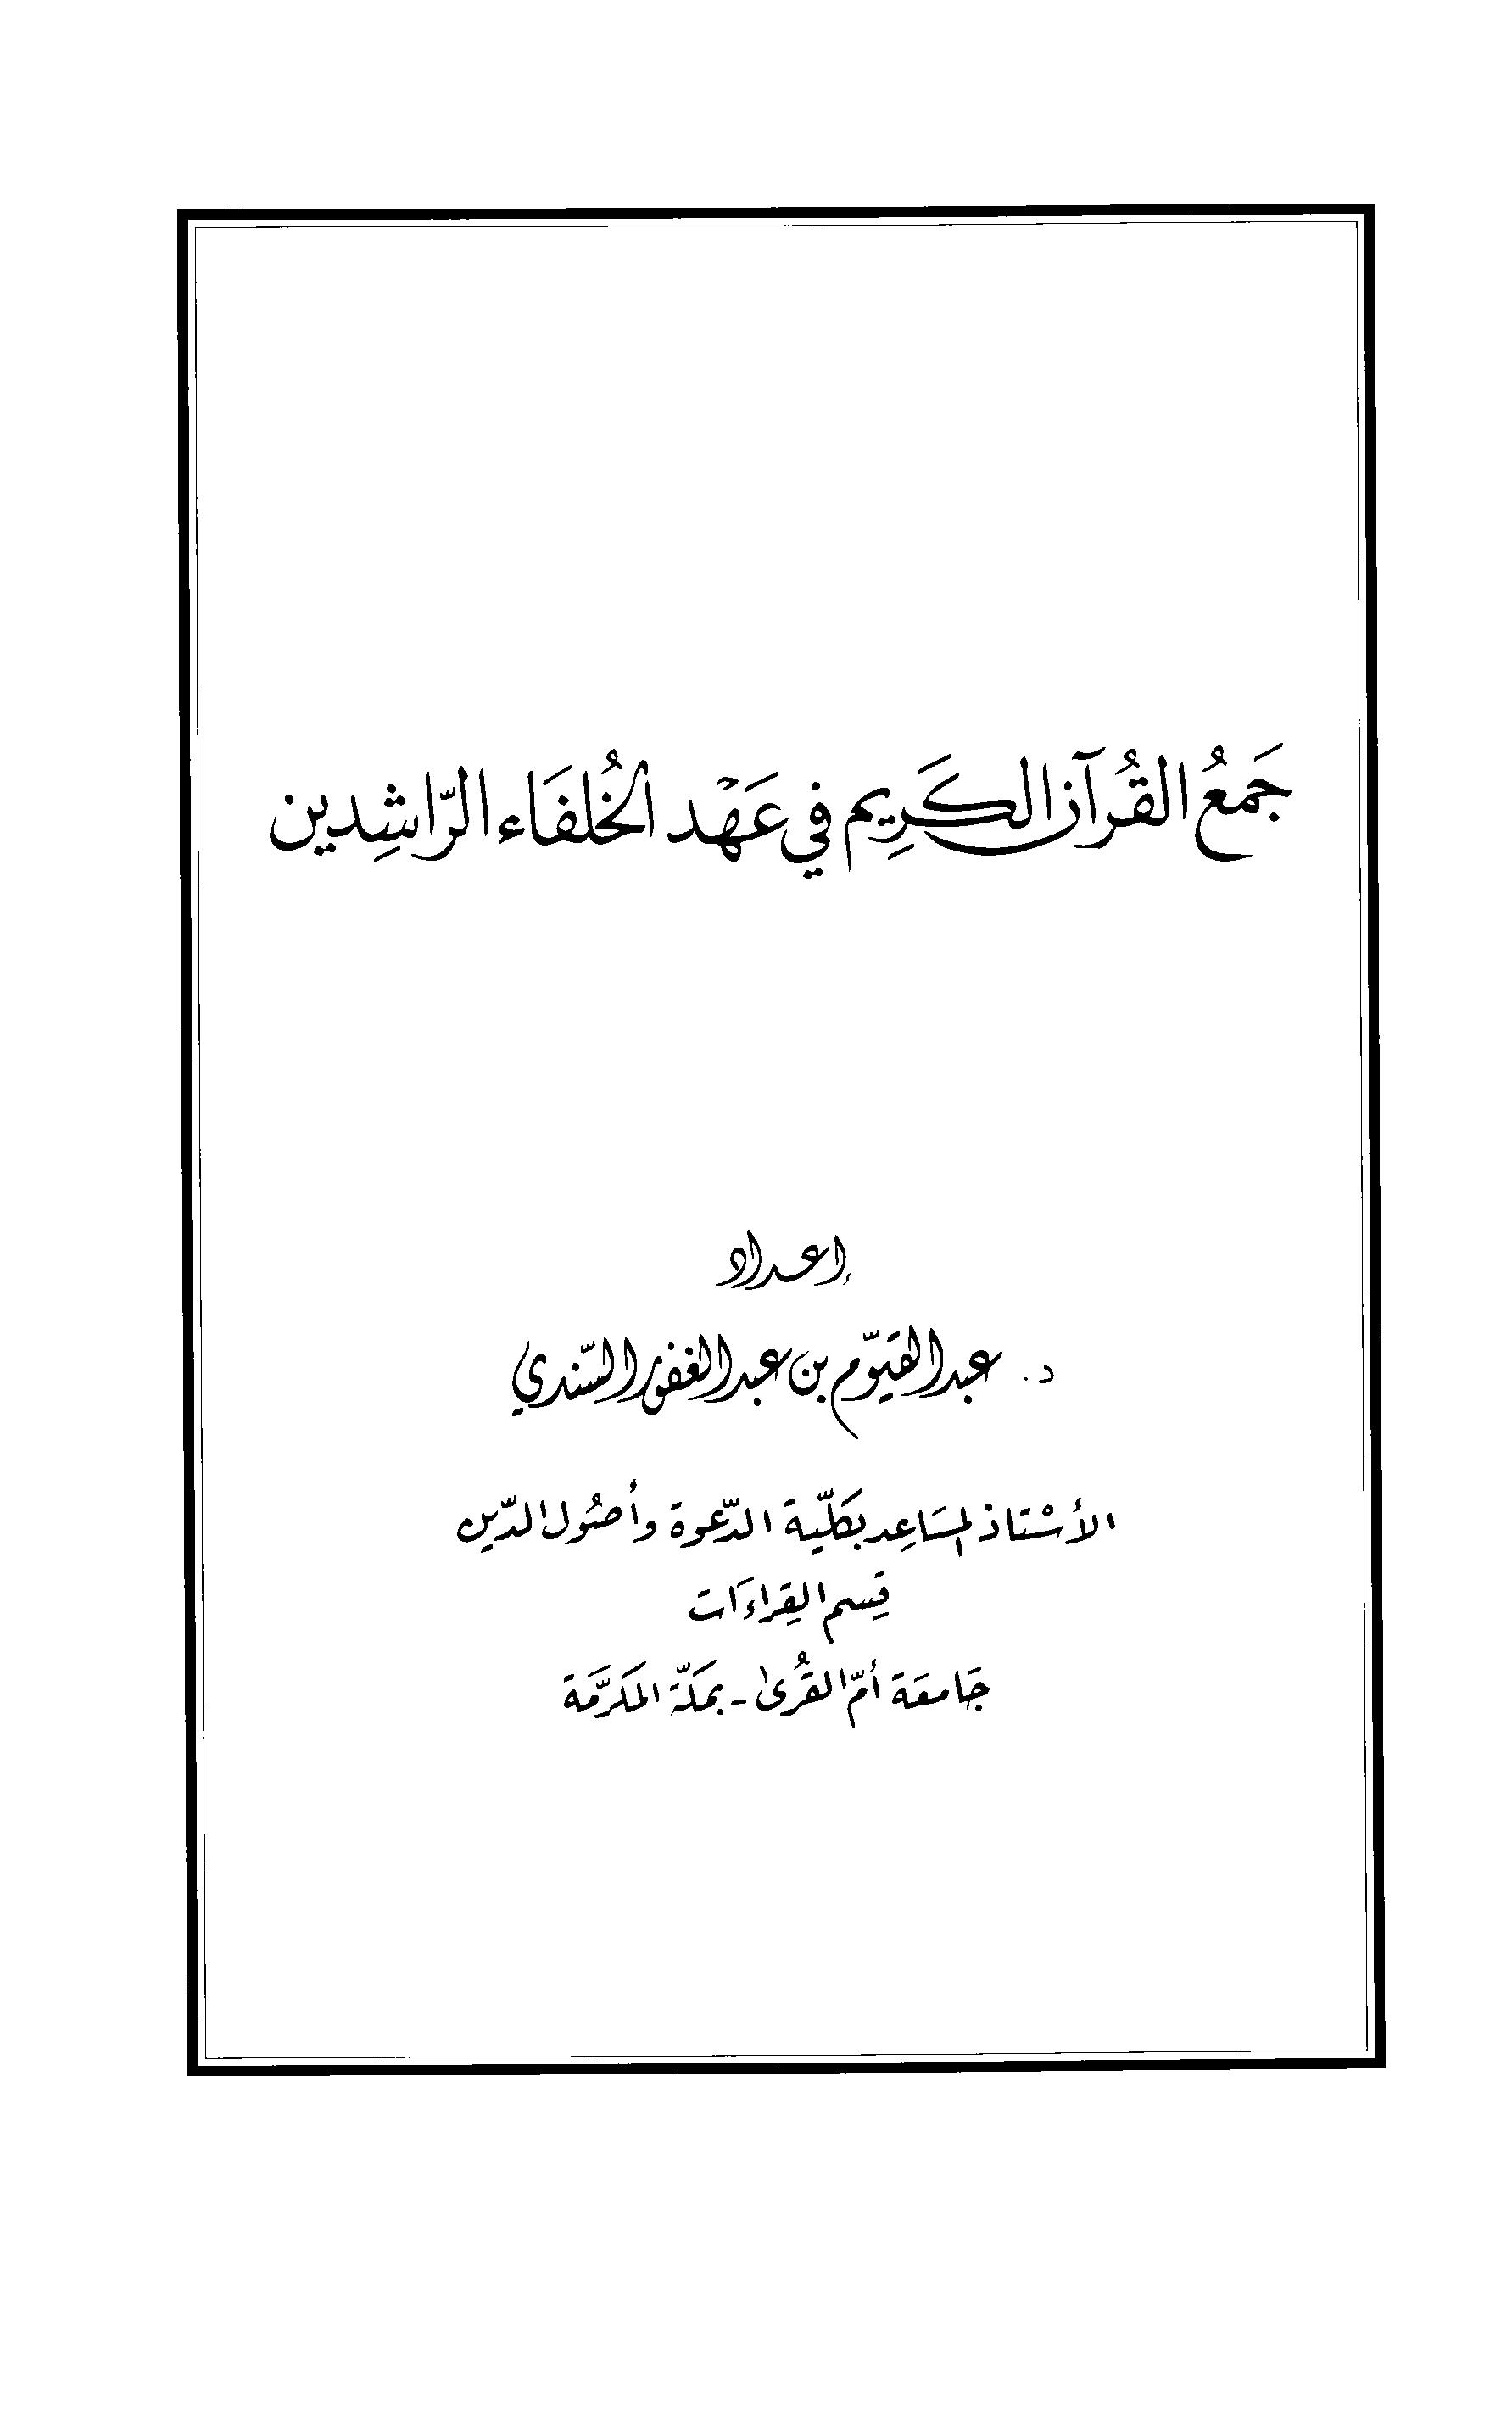 تحميل كتاب جمع القرآن الكريم في عهد الخلفاء الراشدين (السندي) لـِ: الدكتور عبد القيوم بن عبد الغفور بن قمر الدين السندي